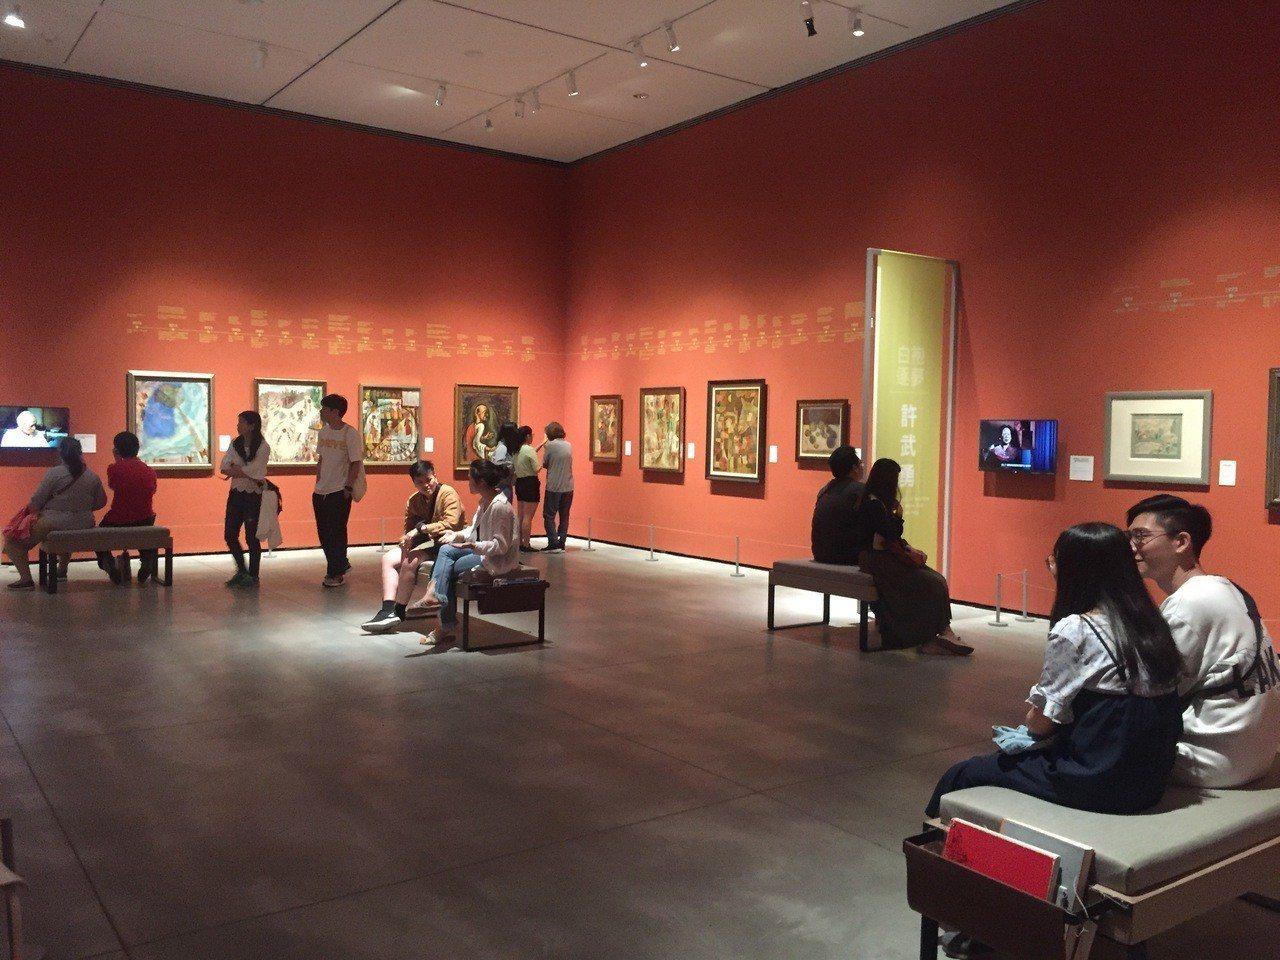 台南市美術館連平日也吸引不少年輕人欣賞畫作,成為好友約會好去處。圖/台南市美術館...